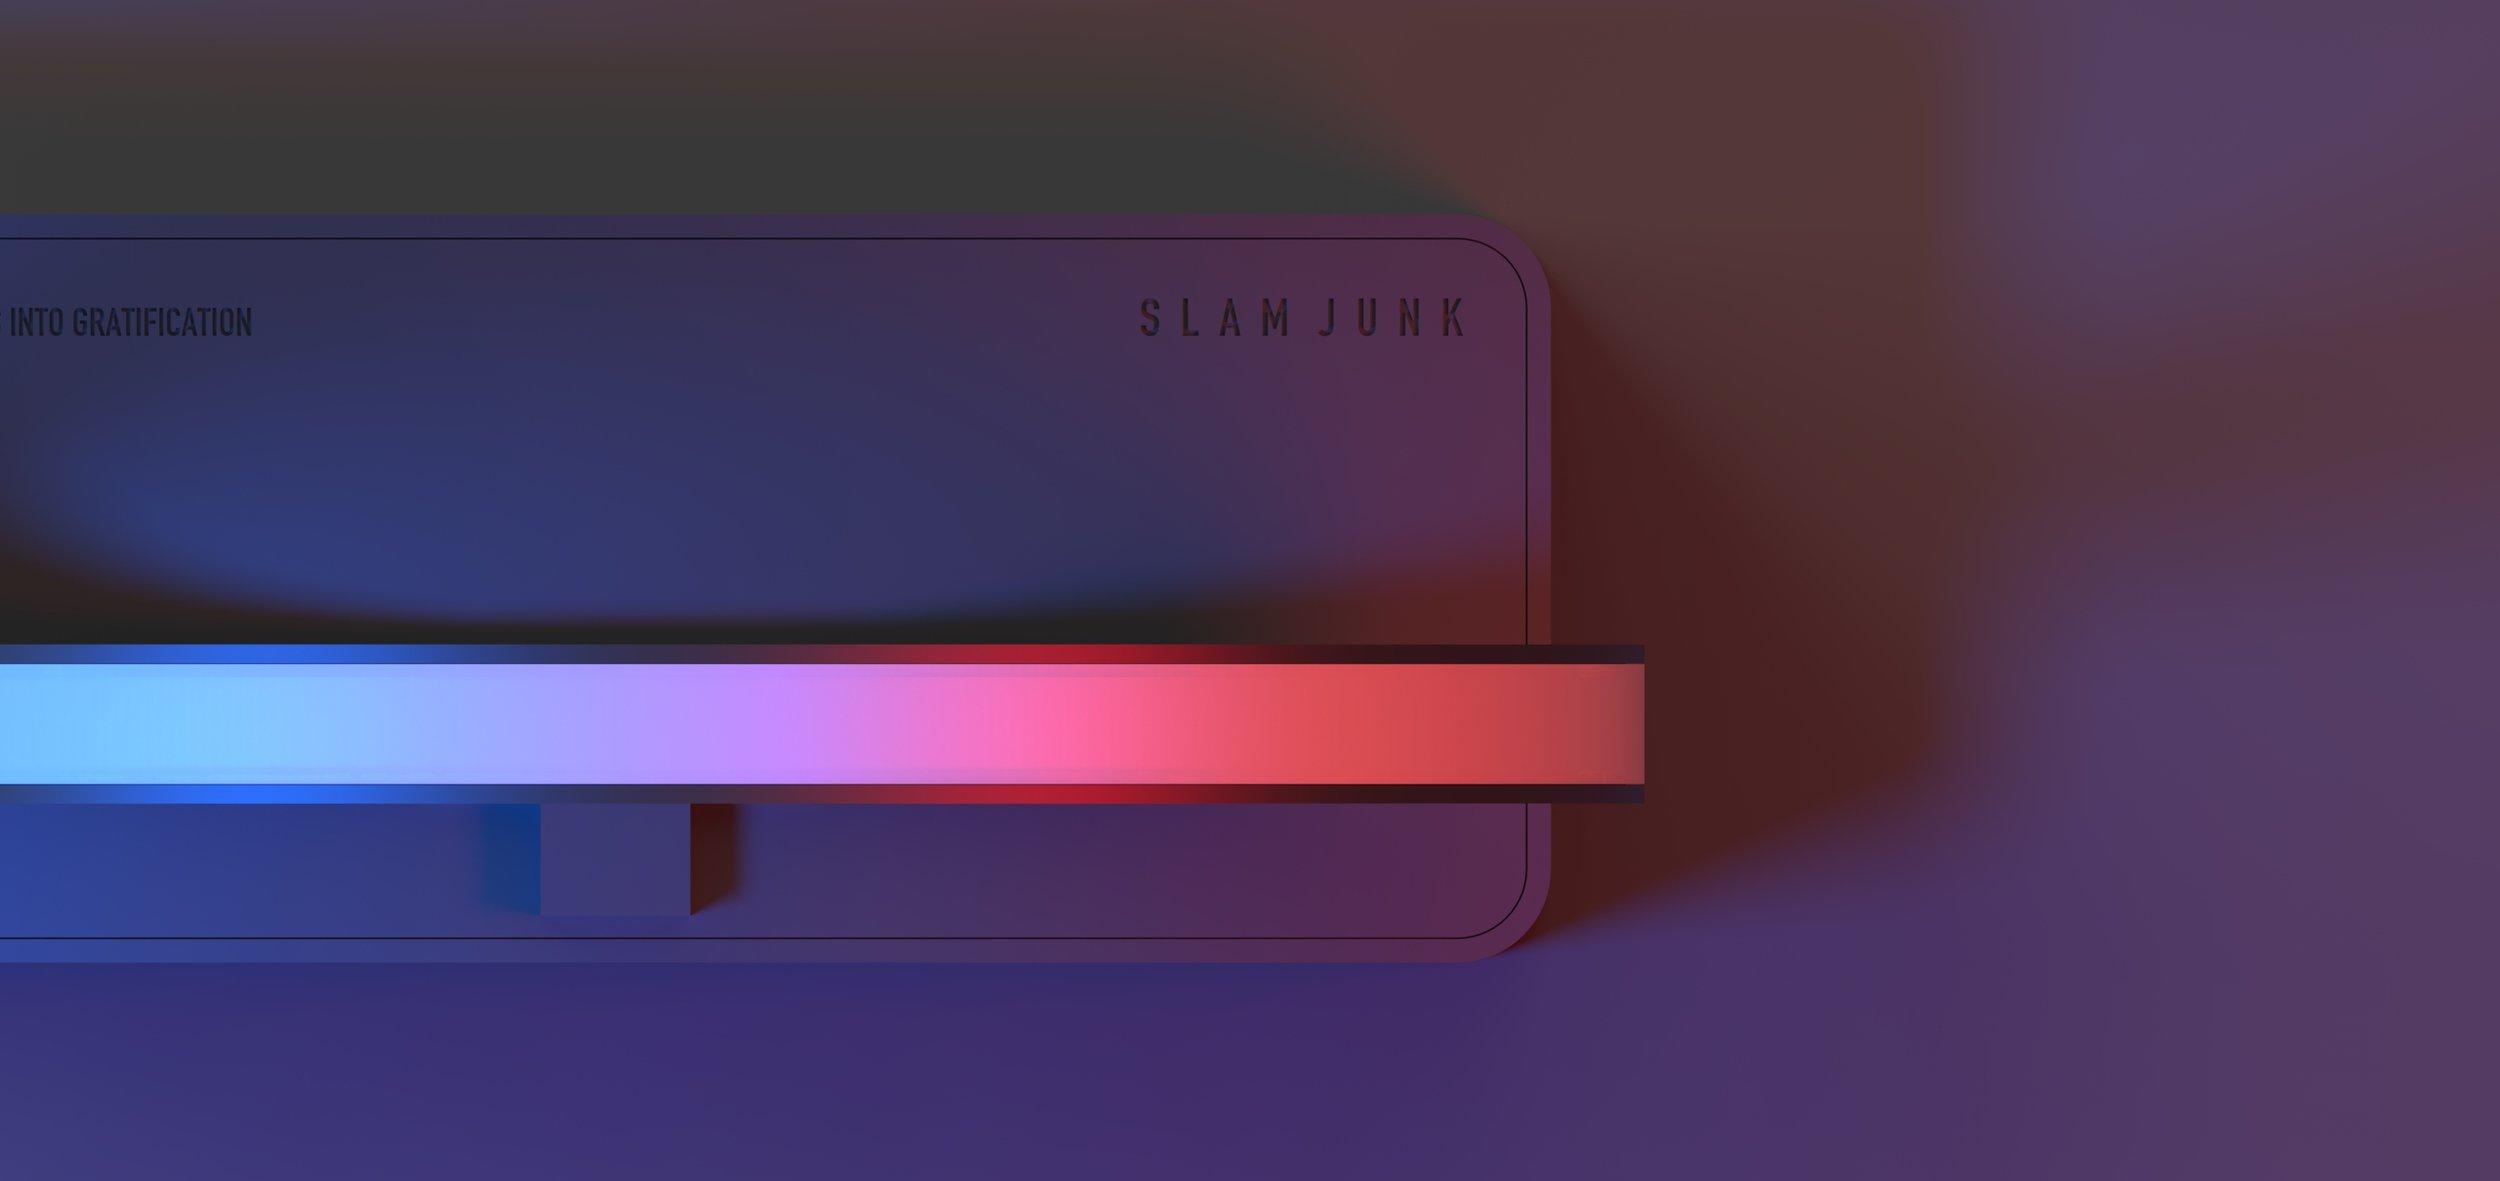 slam junk rendering final.530.jpg